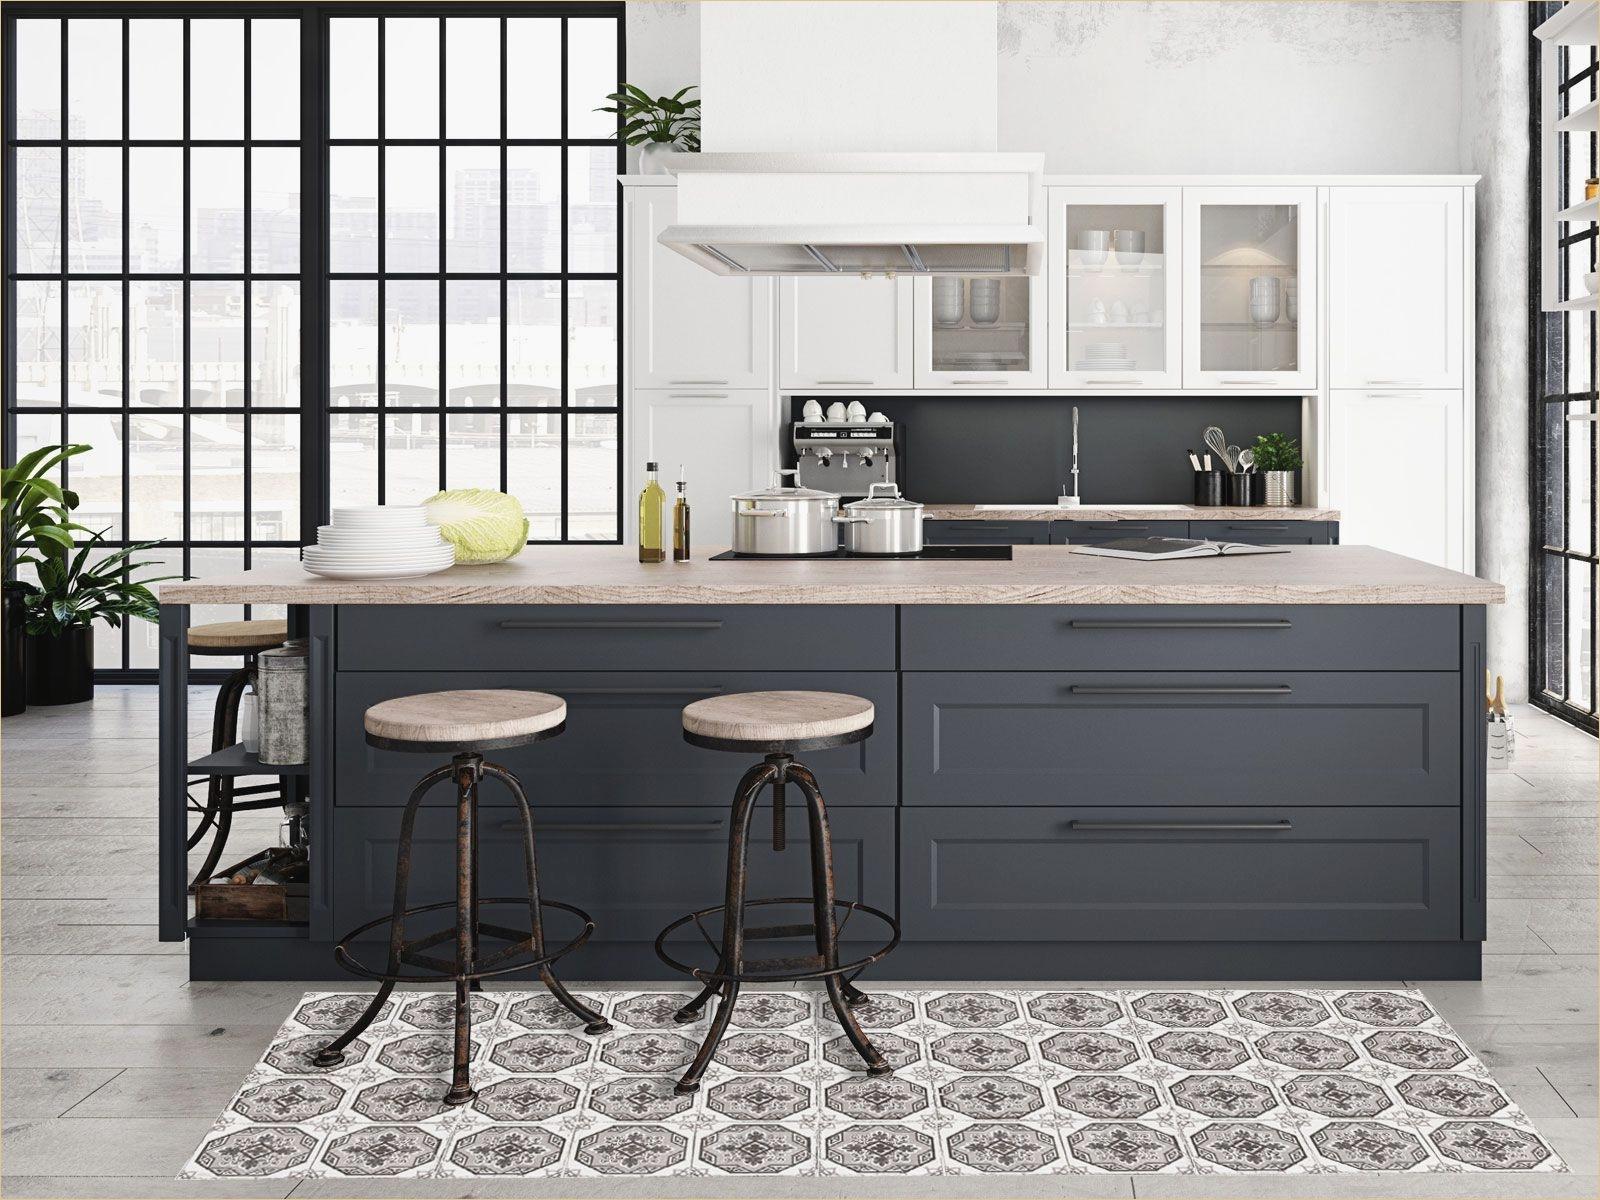 Retour meuble cuisine ikea - Idée pour cuisine